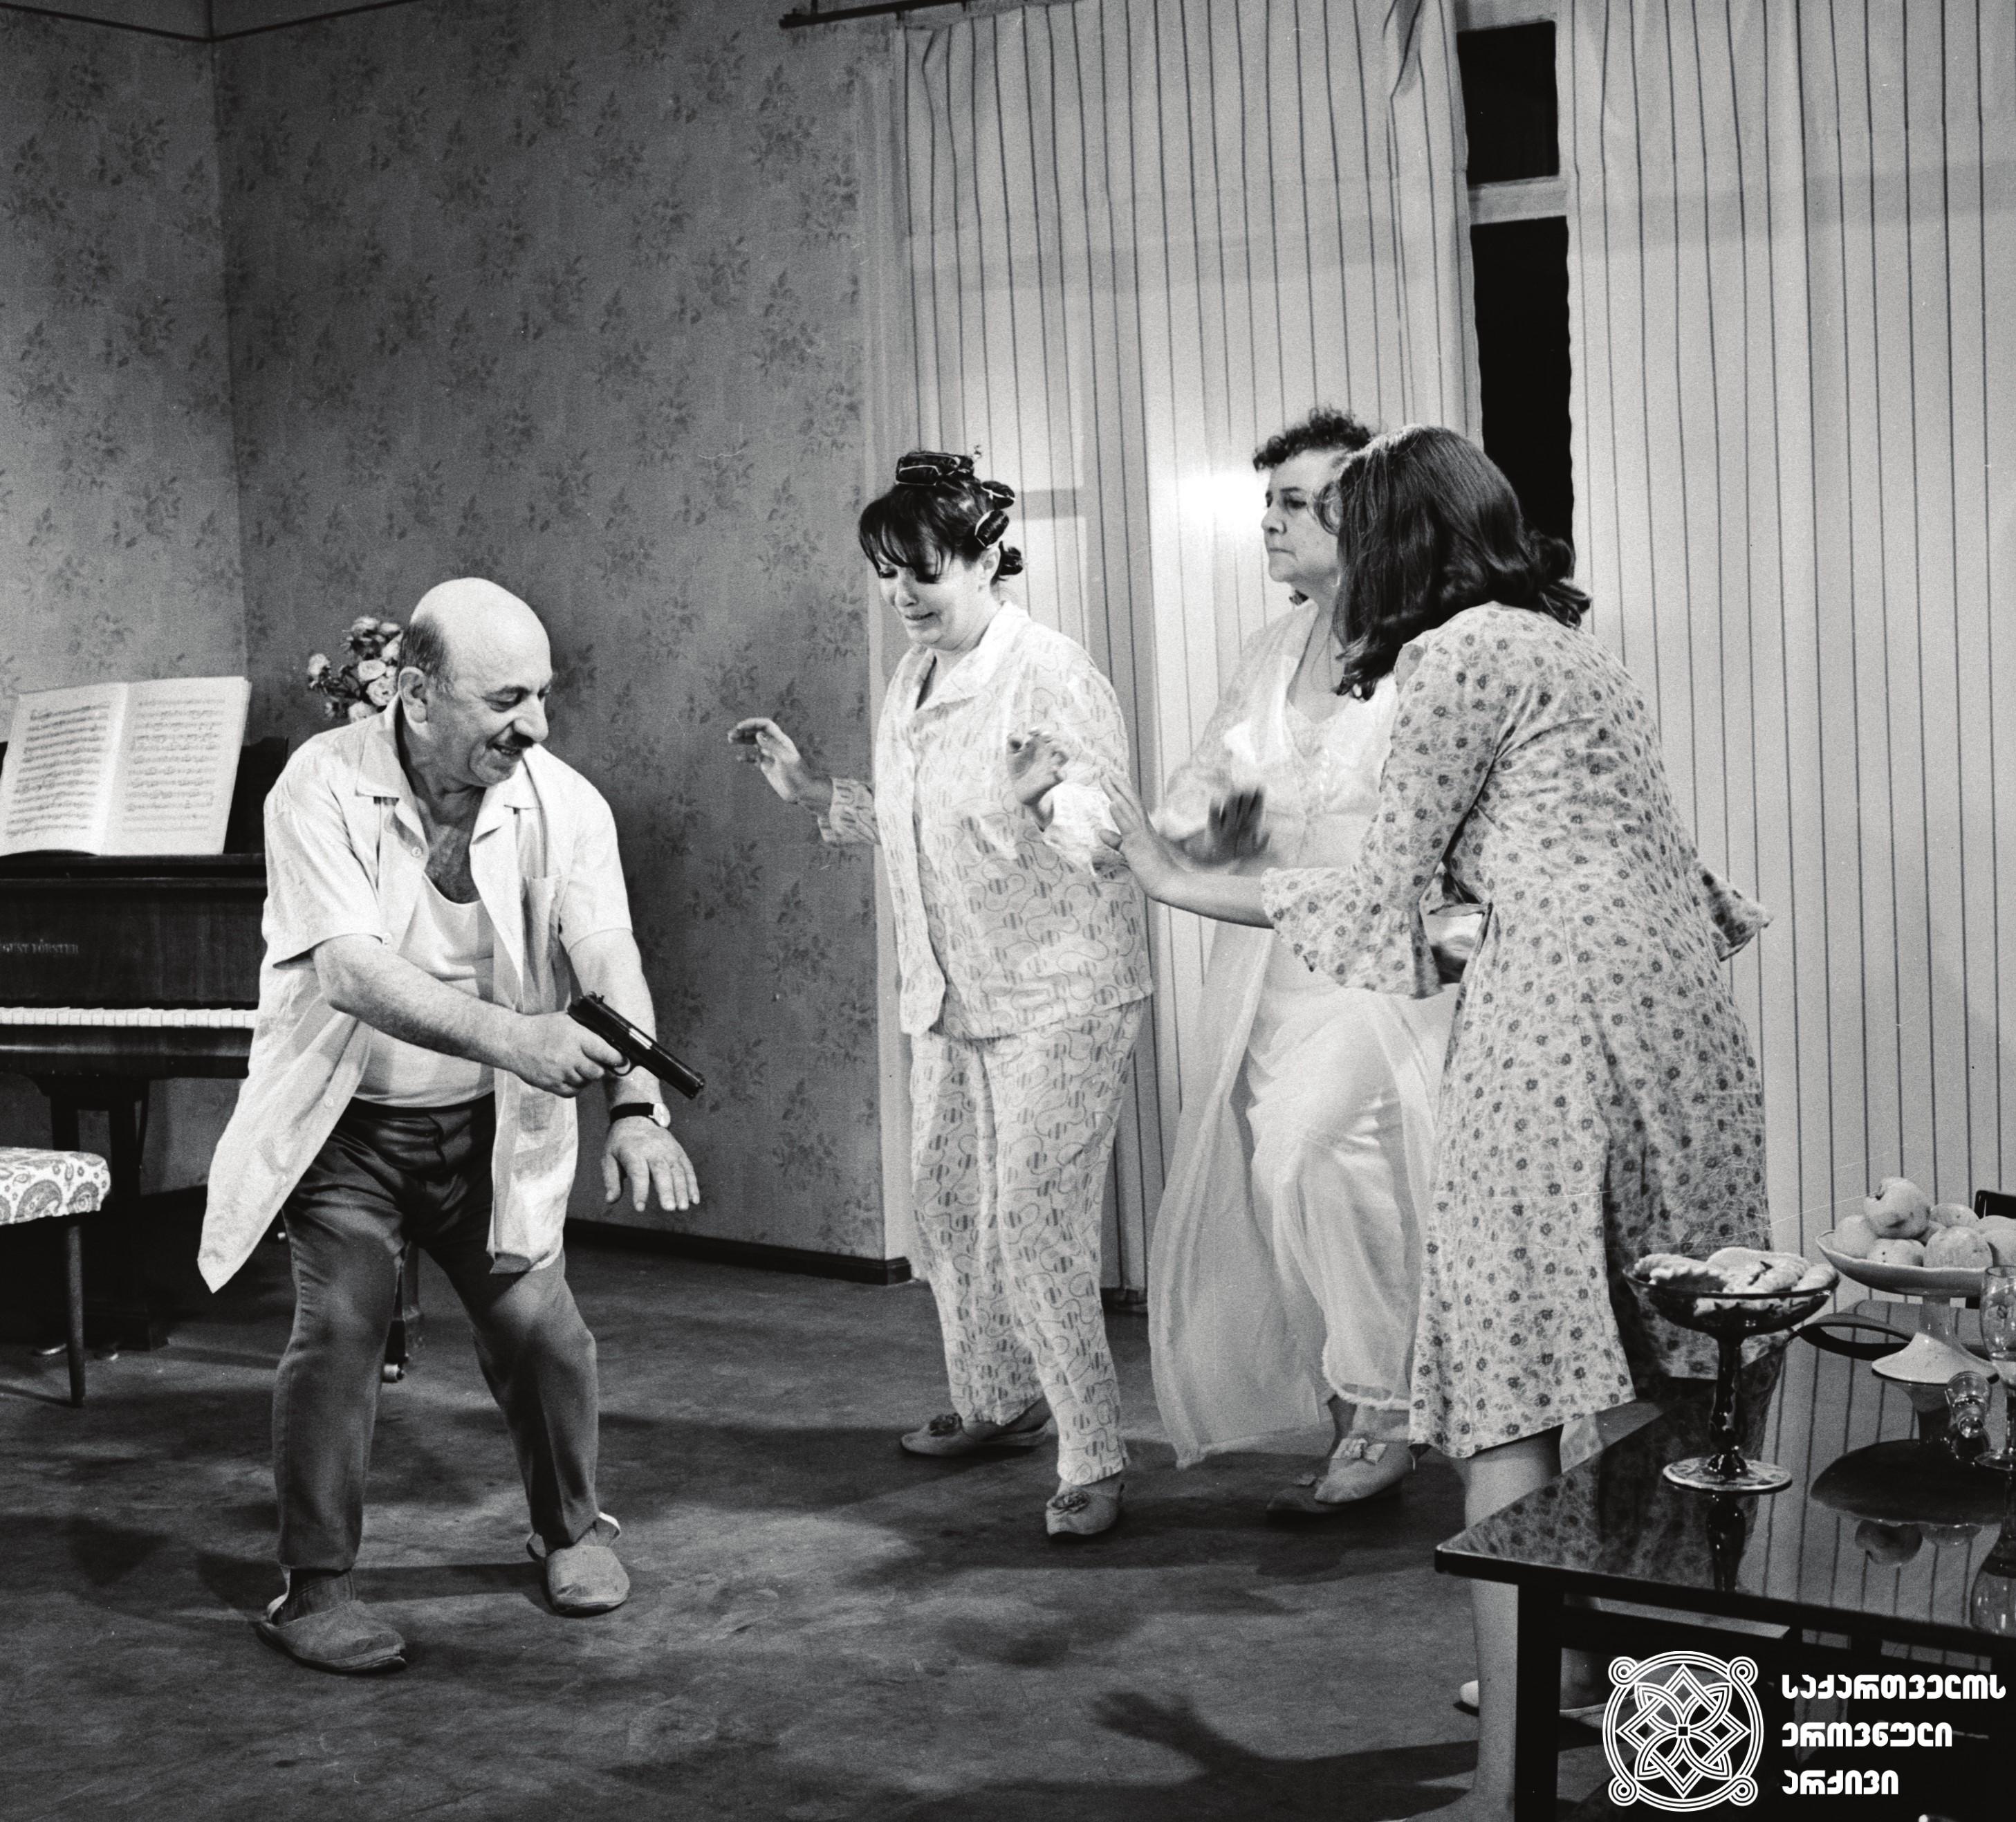 """მხატვრული ფილმი """"მხიარული რომანი"""", მსახიობი იპოლიტე ხვიჩია გადასაღებ მოედანზე.  <br>რეჟისორი: ლევან ხოტივარი. 1972  <br> Feature film """"Happy Romance"""", actor Ipolite Khvichia on the filming location.  <br>Director: Levan Khotivari. 1972"""